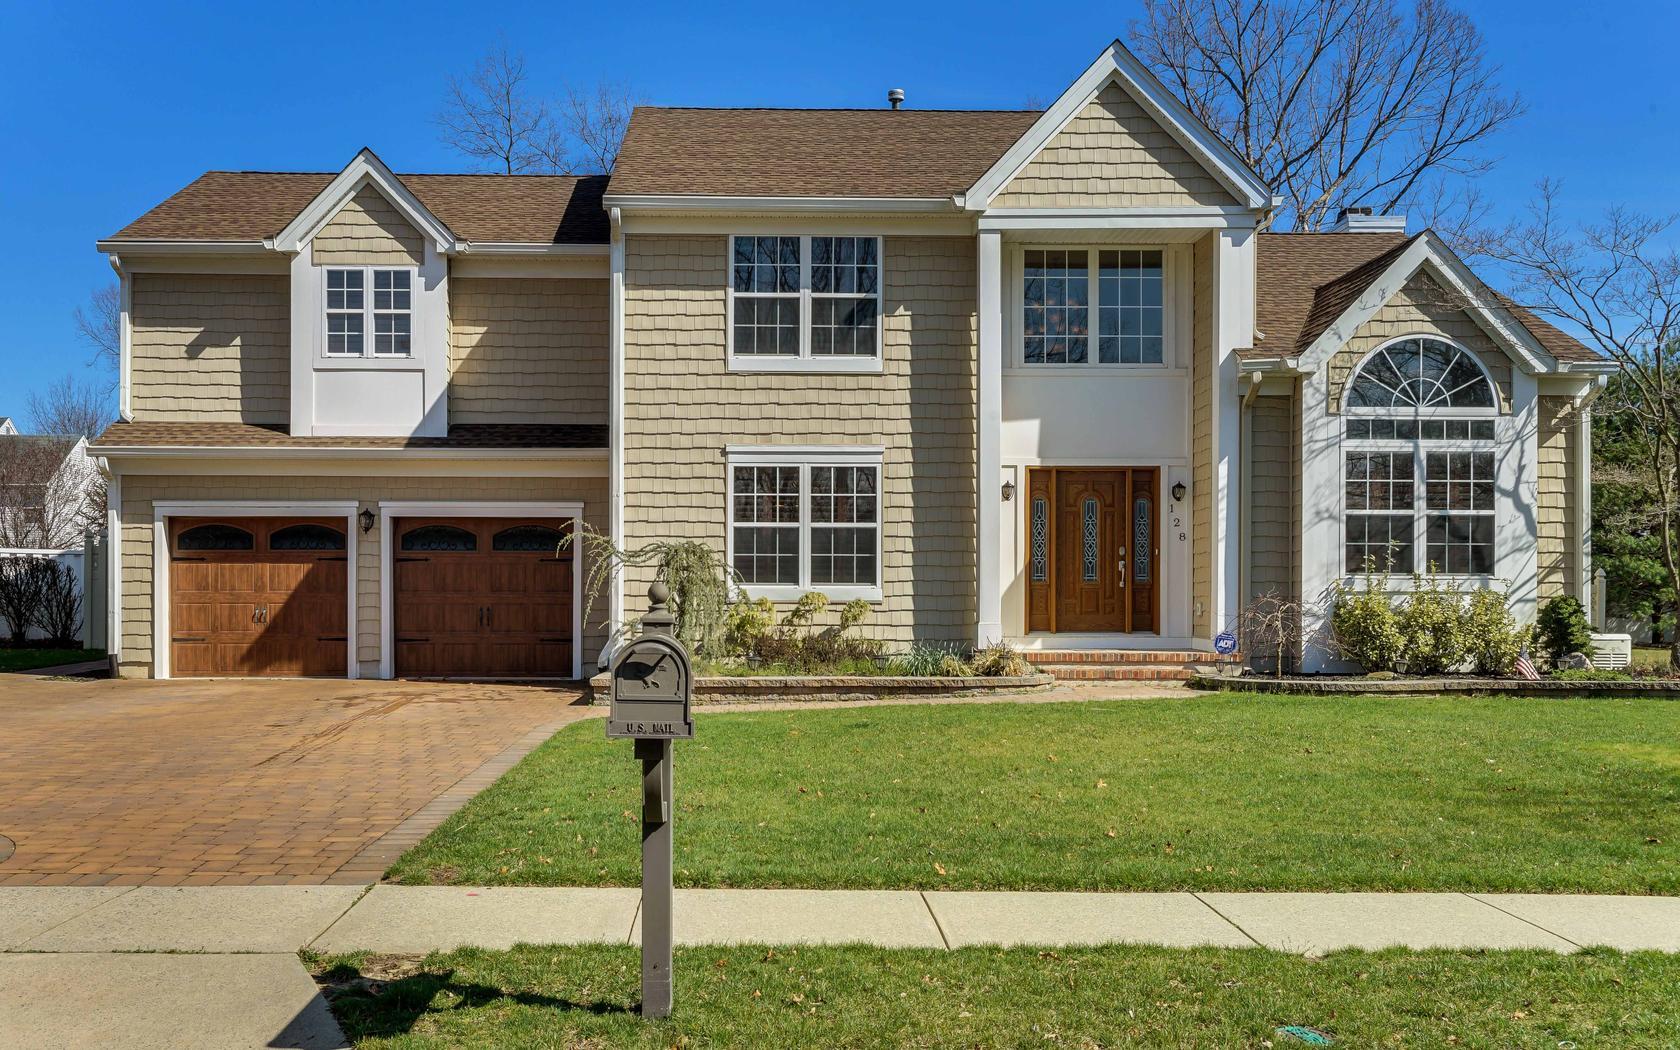 Maison unifamiliale pour l Vente à Grande Woodlands! 128 Old Orchard Road Toms River, New Jersey 08755 États-Unis